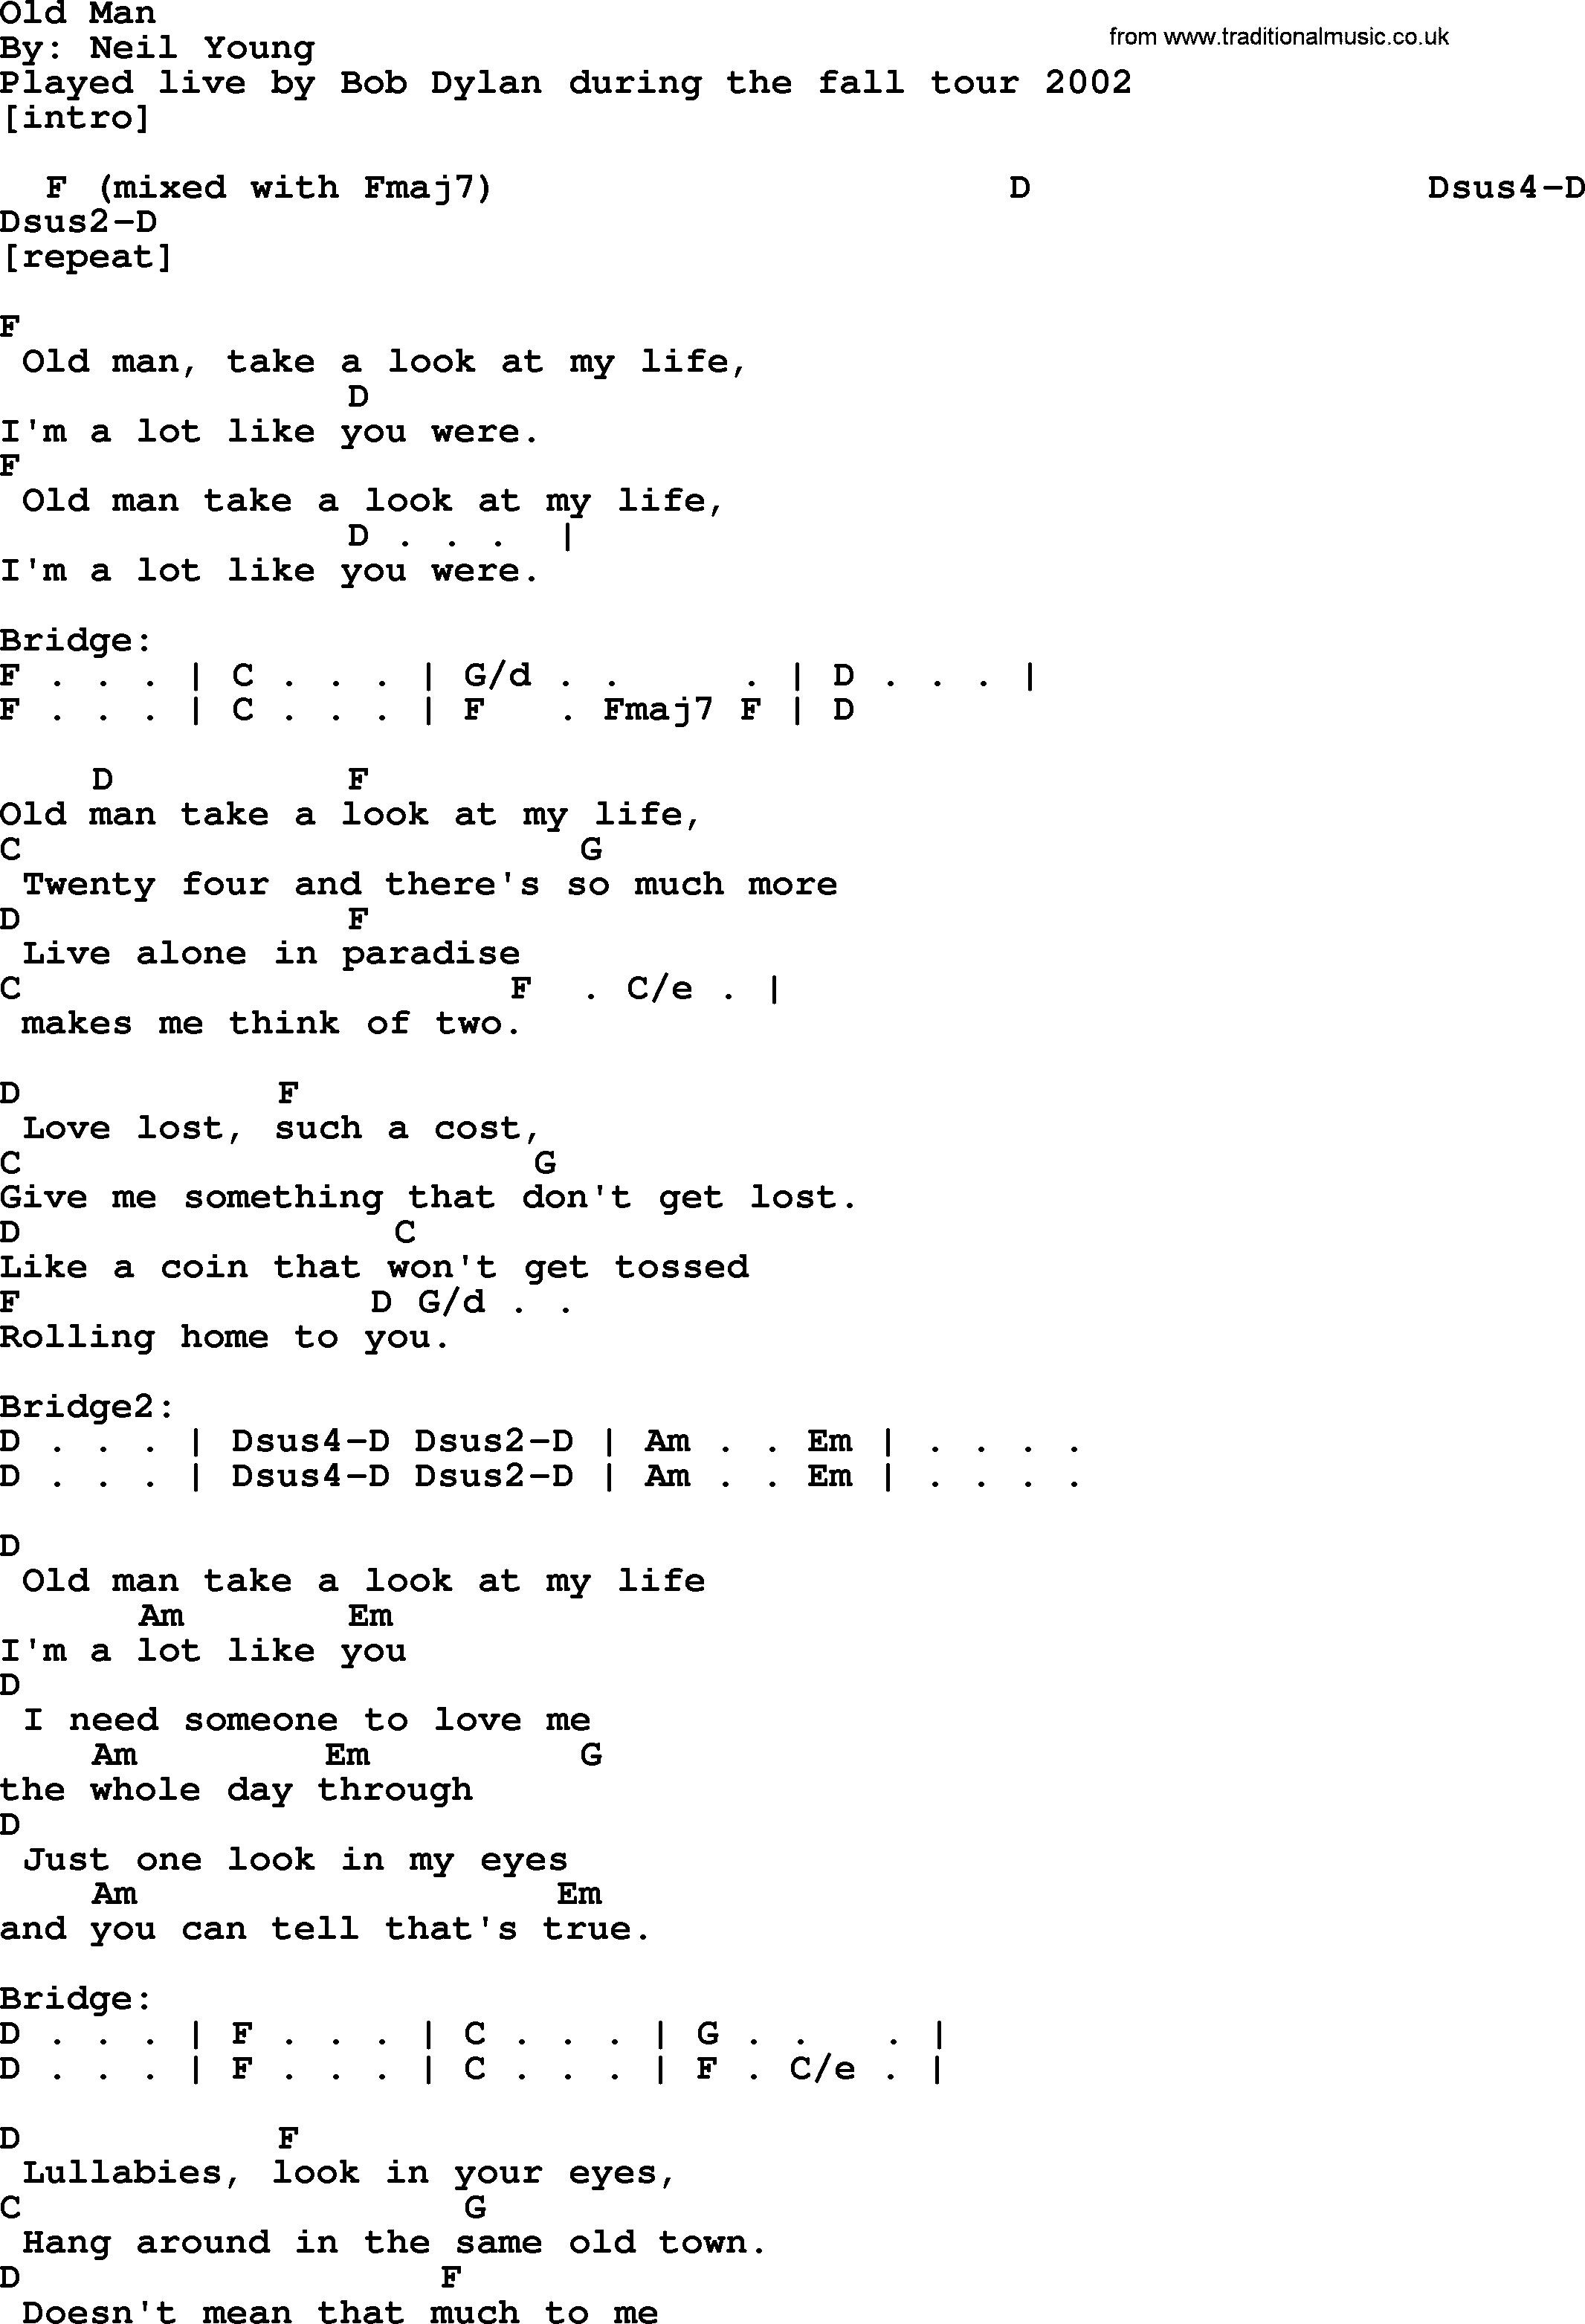 Old Man Chords Bob Dylan Song Old Man Lyrics And Chords